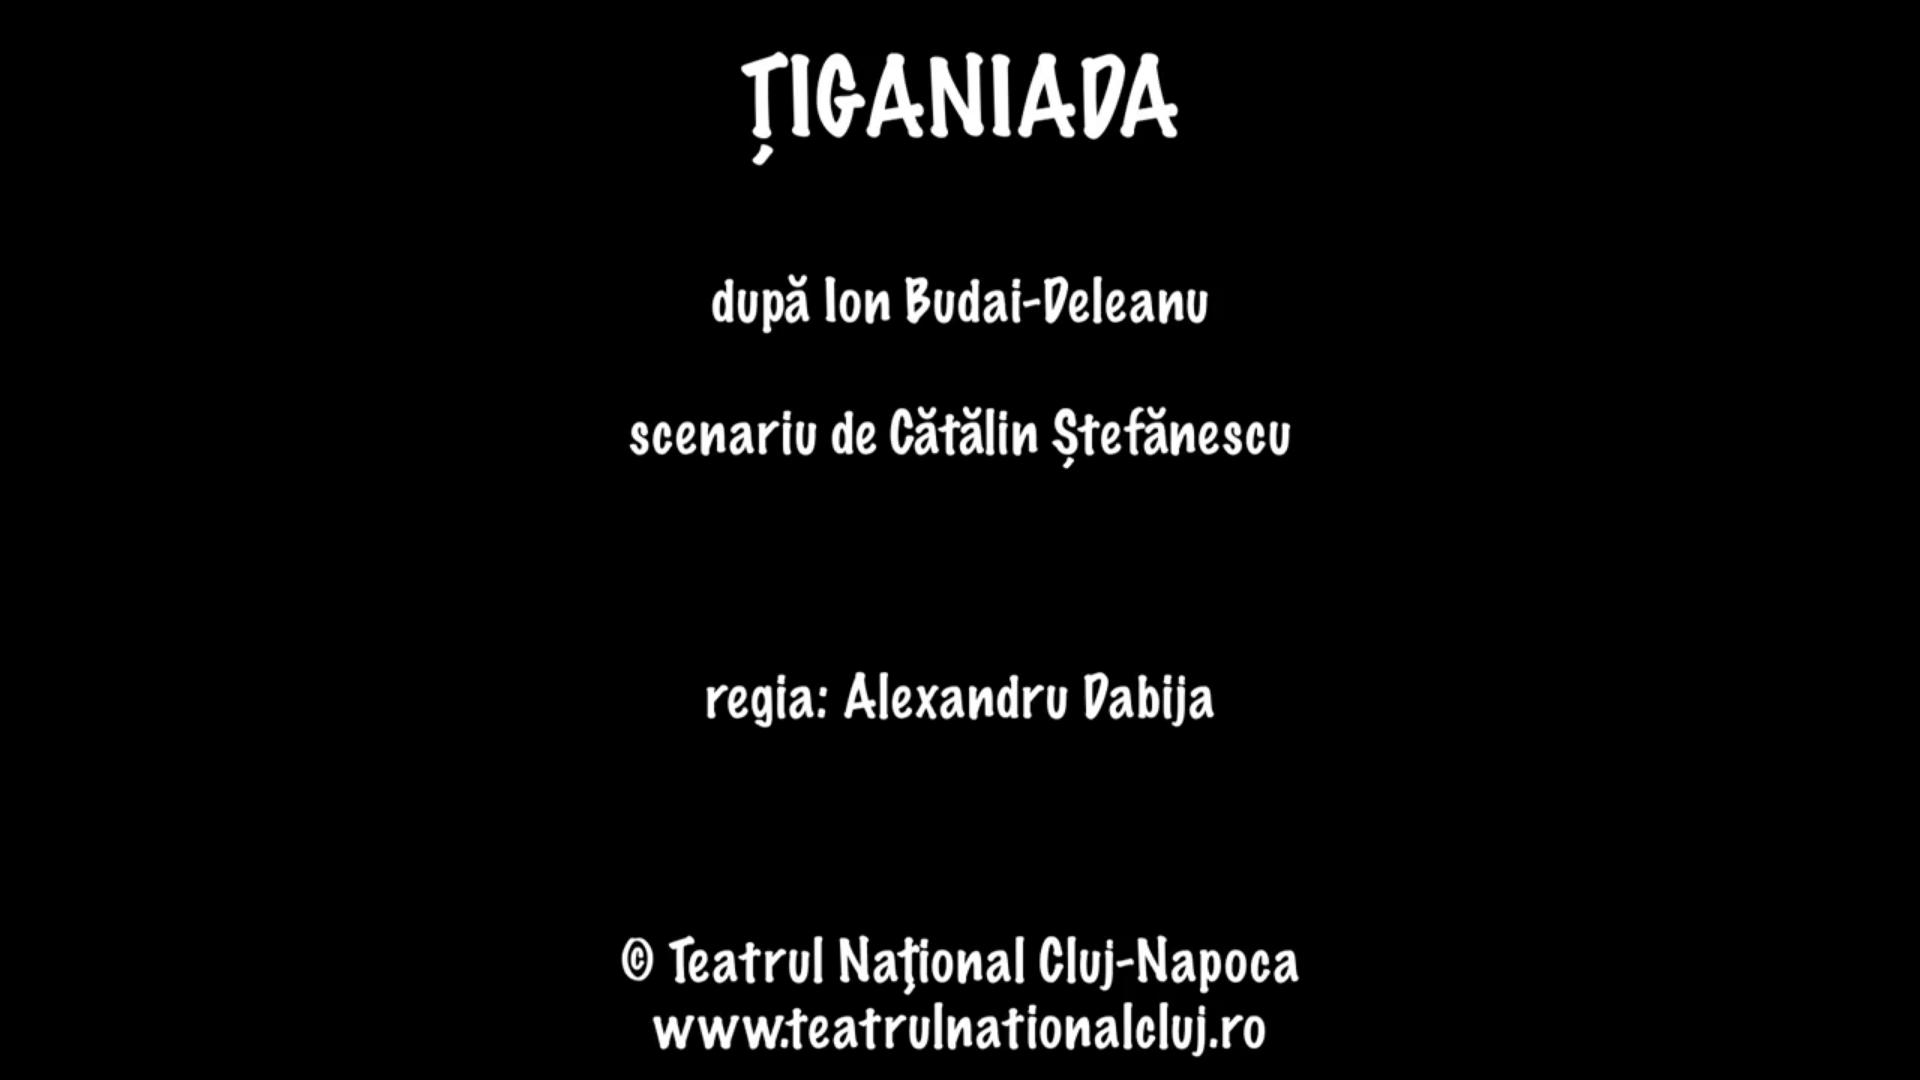 Țiganiada, scenariu de Cătălin Ștefănescu, după I. Budai-Deleanu